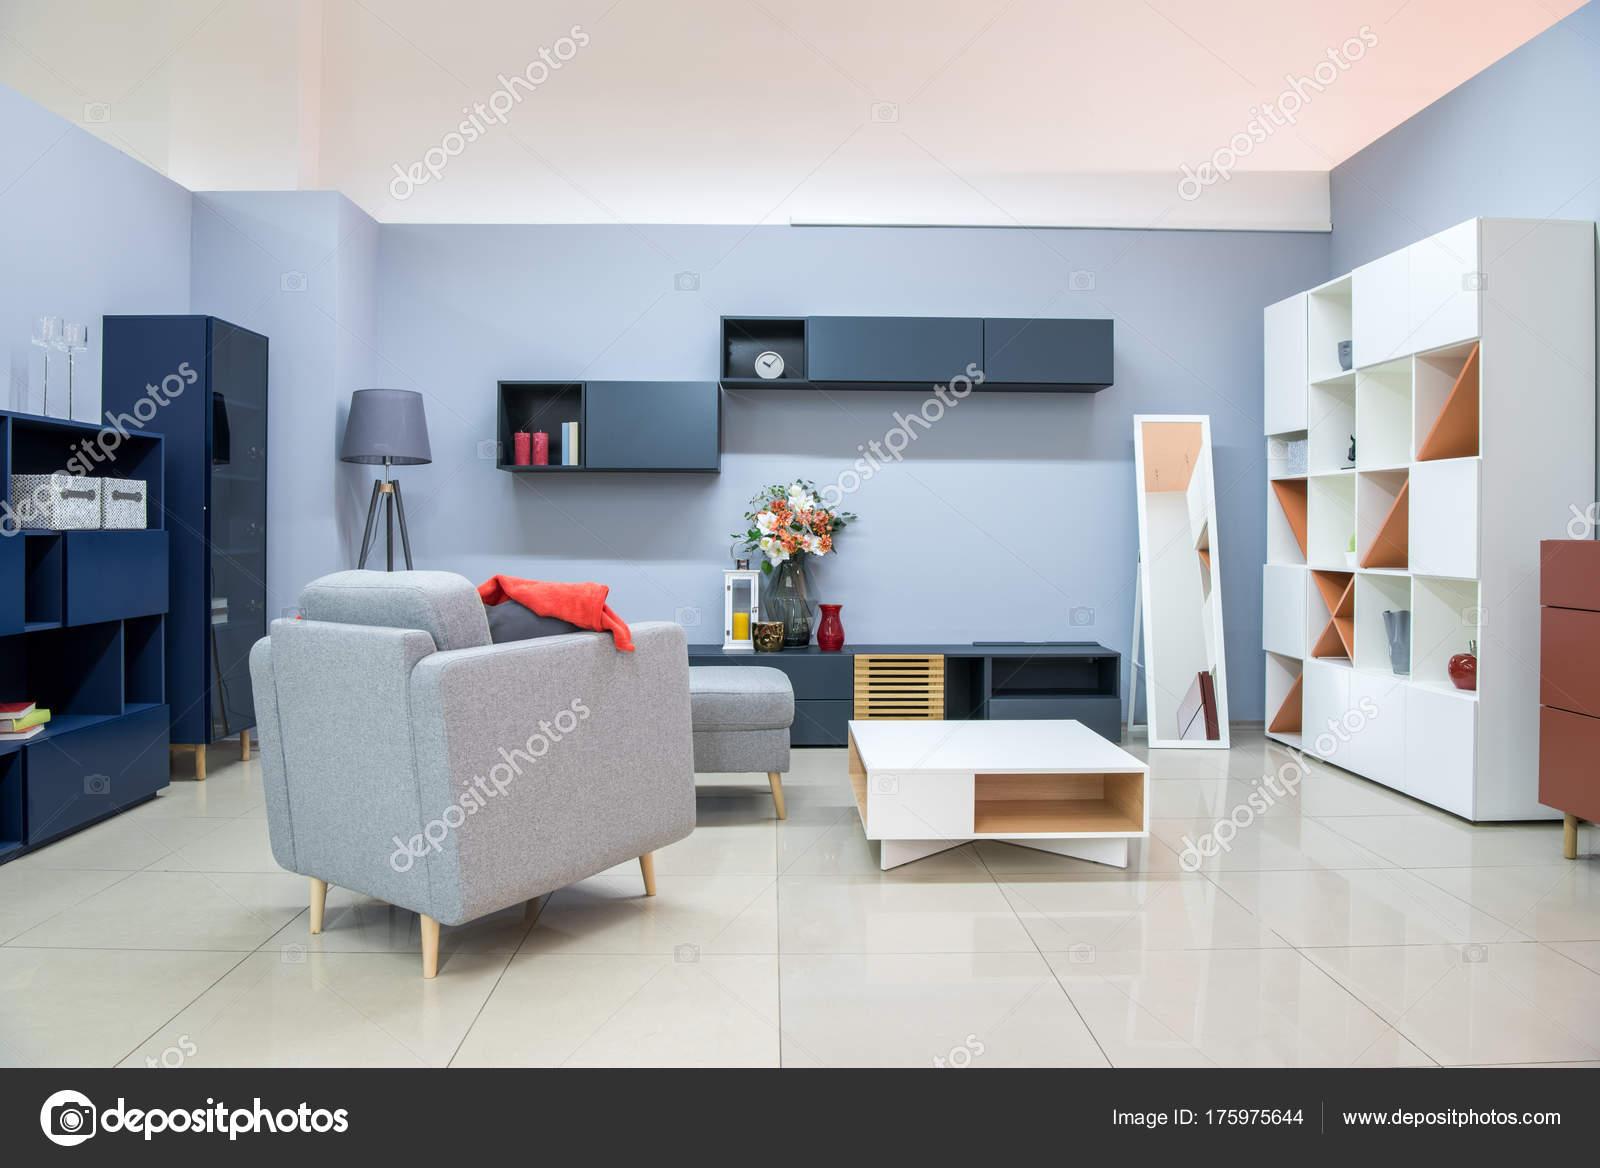 Moderne Wohnzimmer Einrichtung Mit Möbel — Stockfoto © VitalikRadko ...